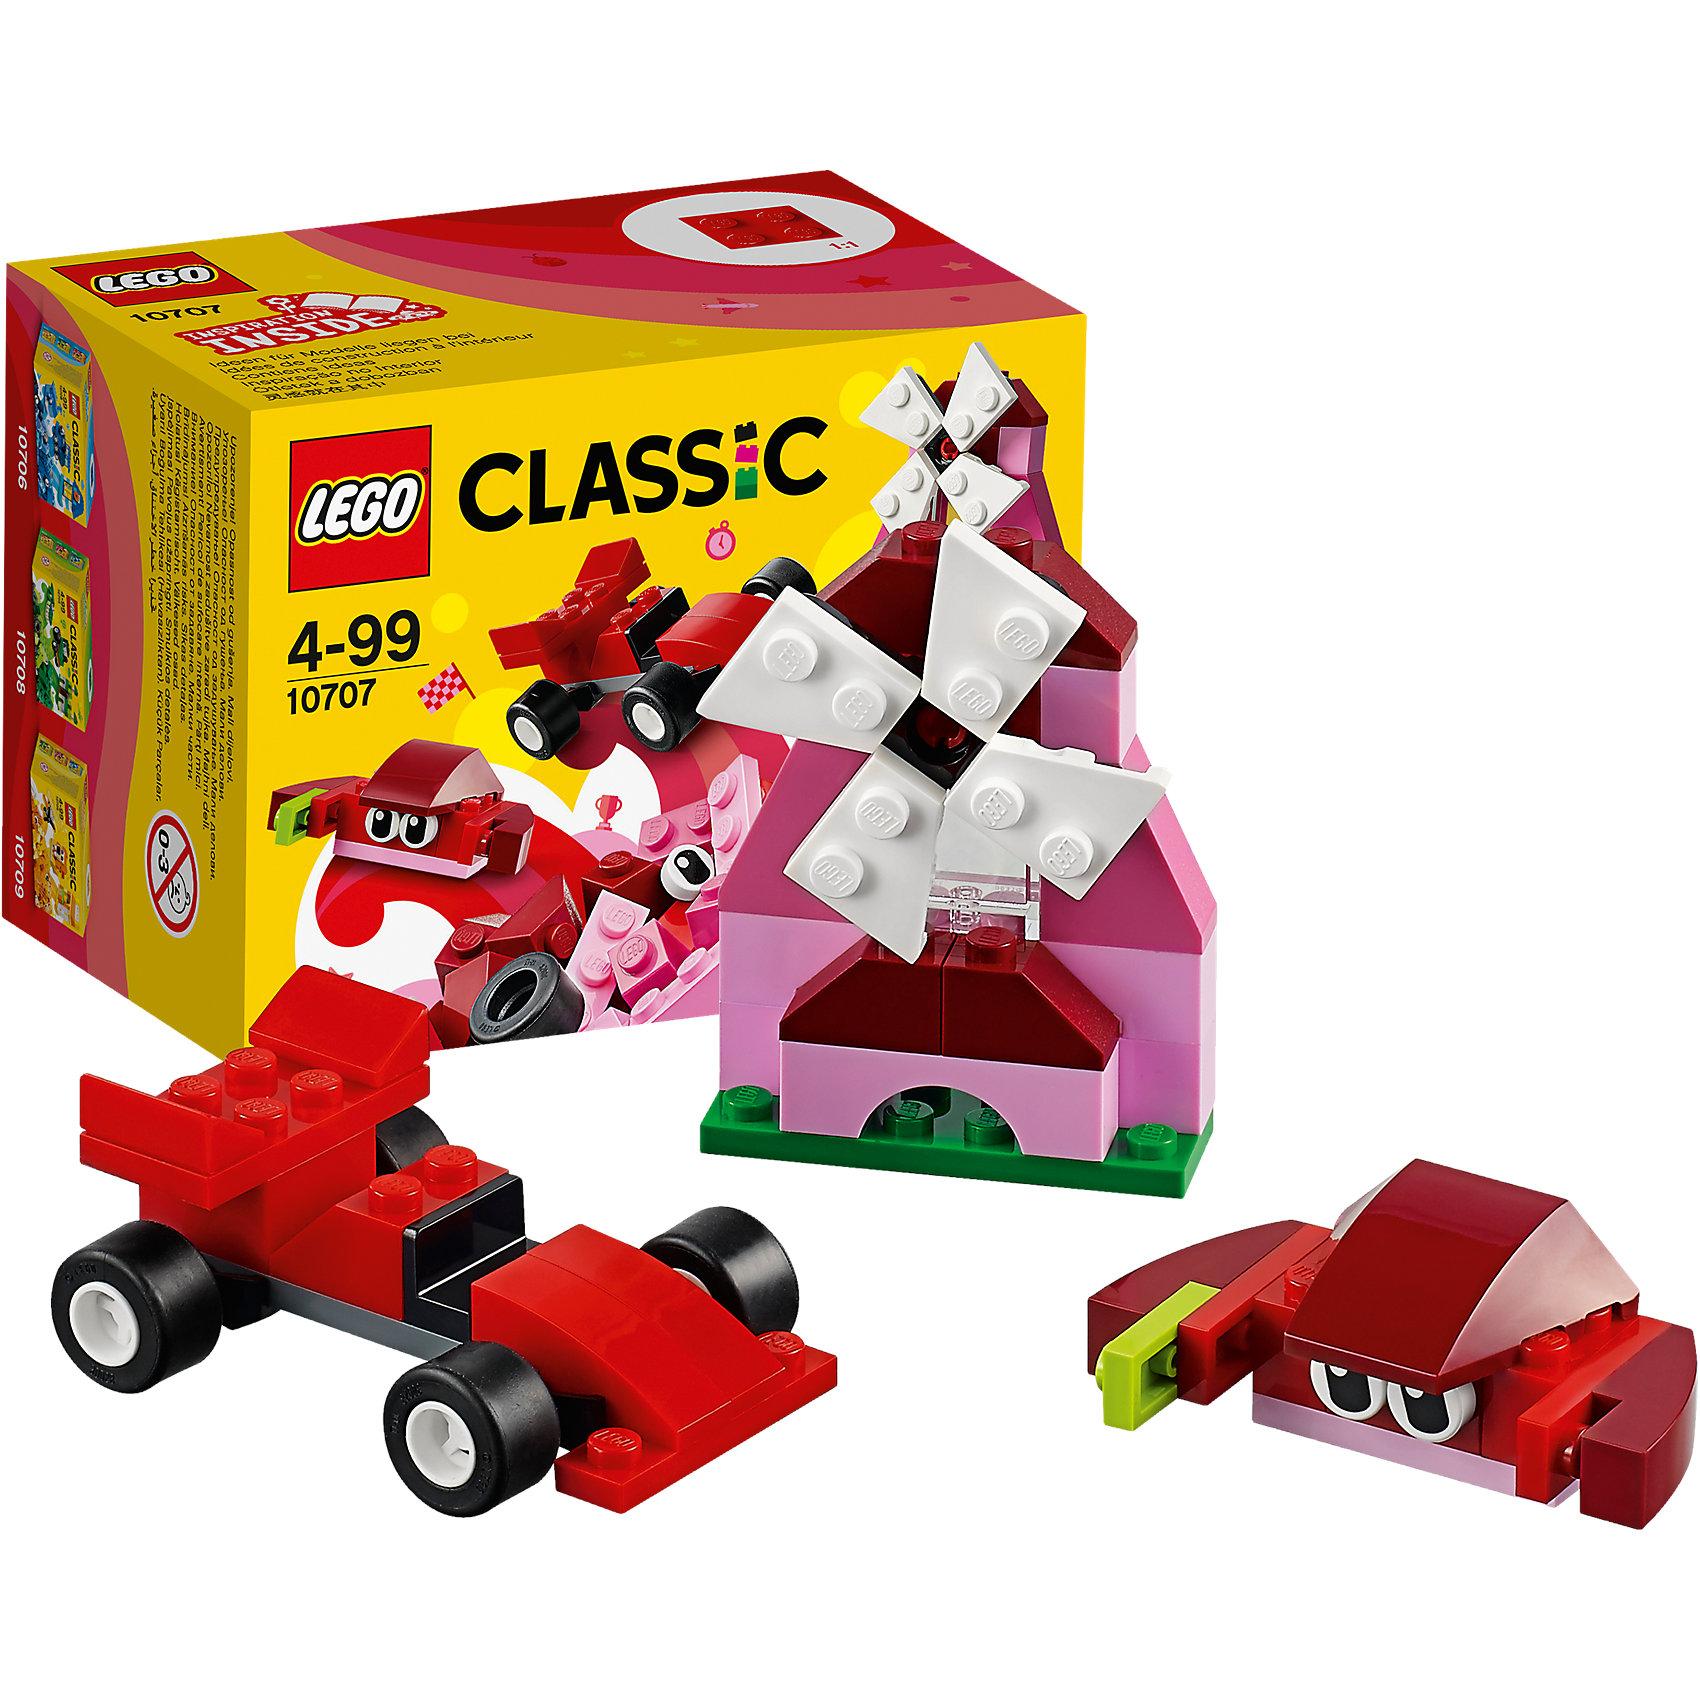 LEGO Classic 10707: Красный набор для творчестваПластмассовые конструкторы<br>LEGO Classic 10707: Красный набор для творчества<br><br>Характеристики:<br><br>- в набор входит: детали гоночного болида, мельницы и краба, аксессуары, красочная инструкция<br>- состав: пластик<br>- количество деталей: 55 <br>- размер упаковки: 12 * 8 * 9 см.<br>- для детей в возрасте: от 4 лет<br>- Страна производитель: Дания/Китай/Чехия<br><br>Легендарный конструктор LEGO (ЛЕГО) представляет серию «Classic» (Классик), предназначенную для свободного конструирования. В наборы этой серии включены разнообразные детали, позволяющие строить в свое удовольствие и на свое усмотрение. Красный набор для творчества включает в себя деталь с колесиками, две детали глаз, крутящиеся детали мельницы и стандартные детали. С помощью этого набора можно собрать по инструкции краба, мельницу и гоночную машину, а также придумать свои транспортные средства, своих животных и свой домик. В красном наборе представлено пять оттенков красного, а также белые, зеленые, черные и салатовые детали. Играя с конструктором ребенок развивает моторику рук, воображение и логическое мышление. Воплотите в жизнь свои идеи с помощью набора LEGO «Classic»!<br><br>Конструктор LEGO Classic 10707: Красный набор для творчества можно купить в нашем интернет-магазине.<br><br>Ширина мм: 122<br>Глубина мм: 90<br>Высота мм: 80<br>Вес г: 89<br>Возраст от месяцев: 48<br>Возраст до месяцев: 144<br>Пол: Унисекс<br>Возраст: Детский<br>SKU: 5002504